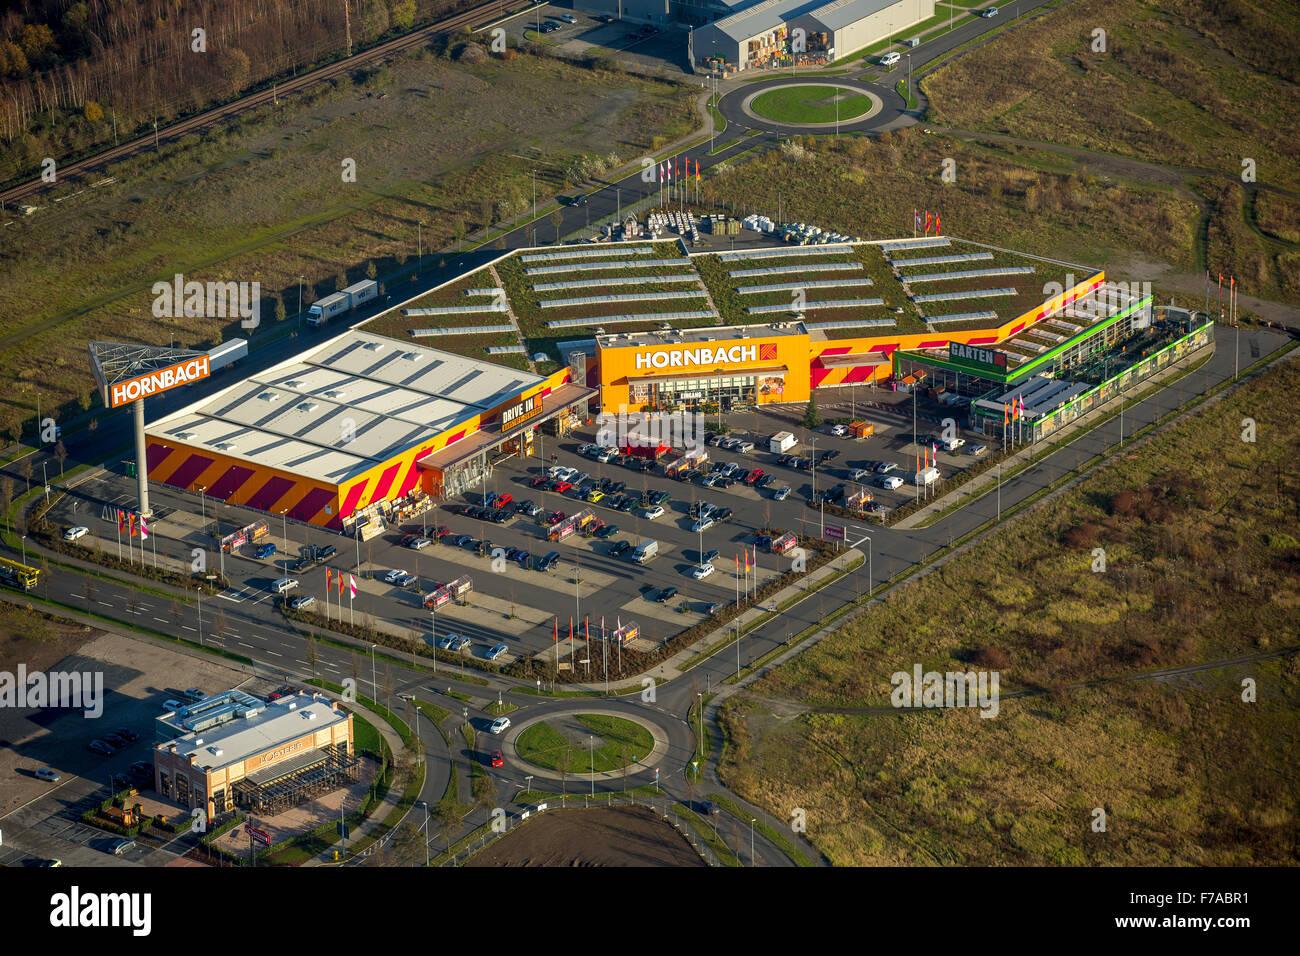 Hornbach Baumarkt, former steelworks site in Oberhausen, Oberhausen, Ruhr, North Rhine Westphalia, Germany, Europe, - Stock Image